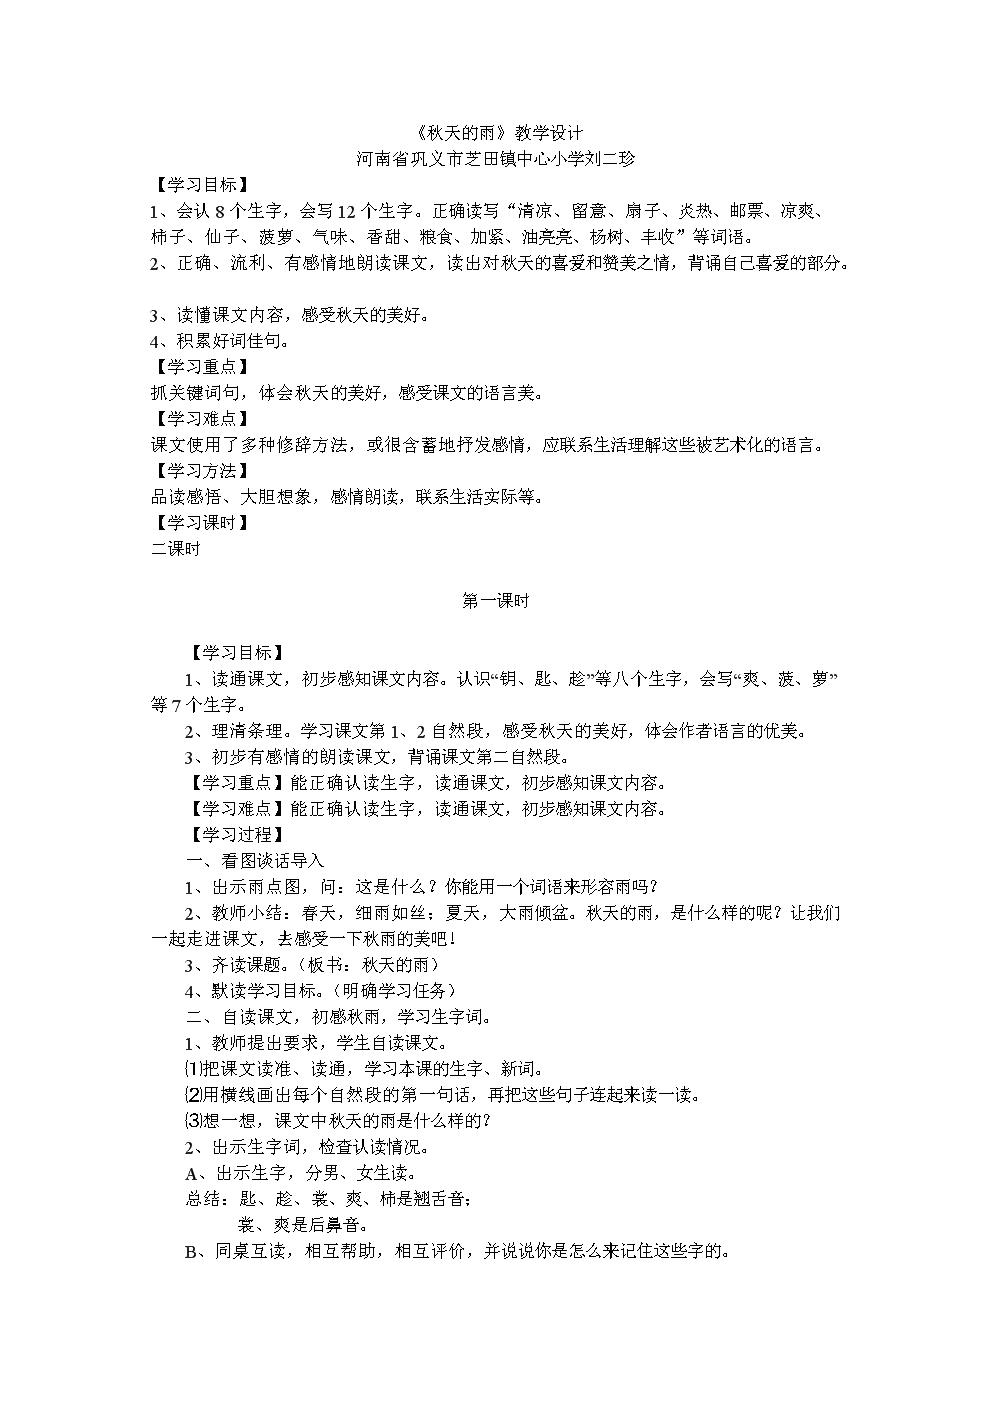 刘二珍秋天的雨第一二课时.doc